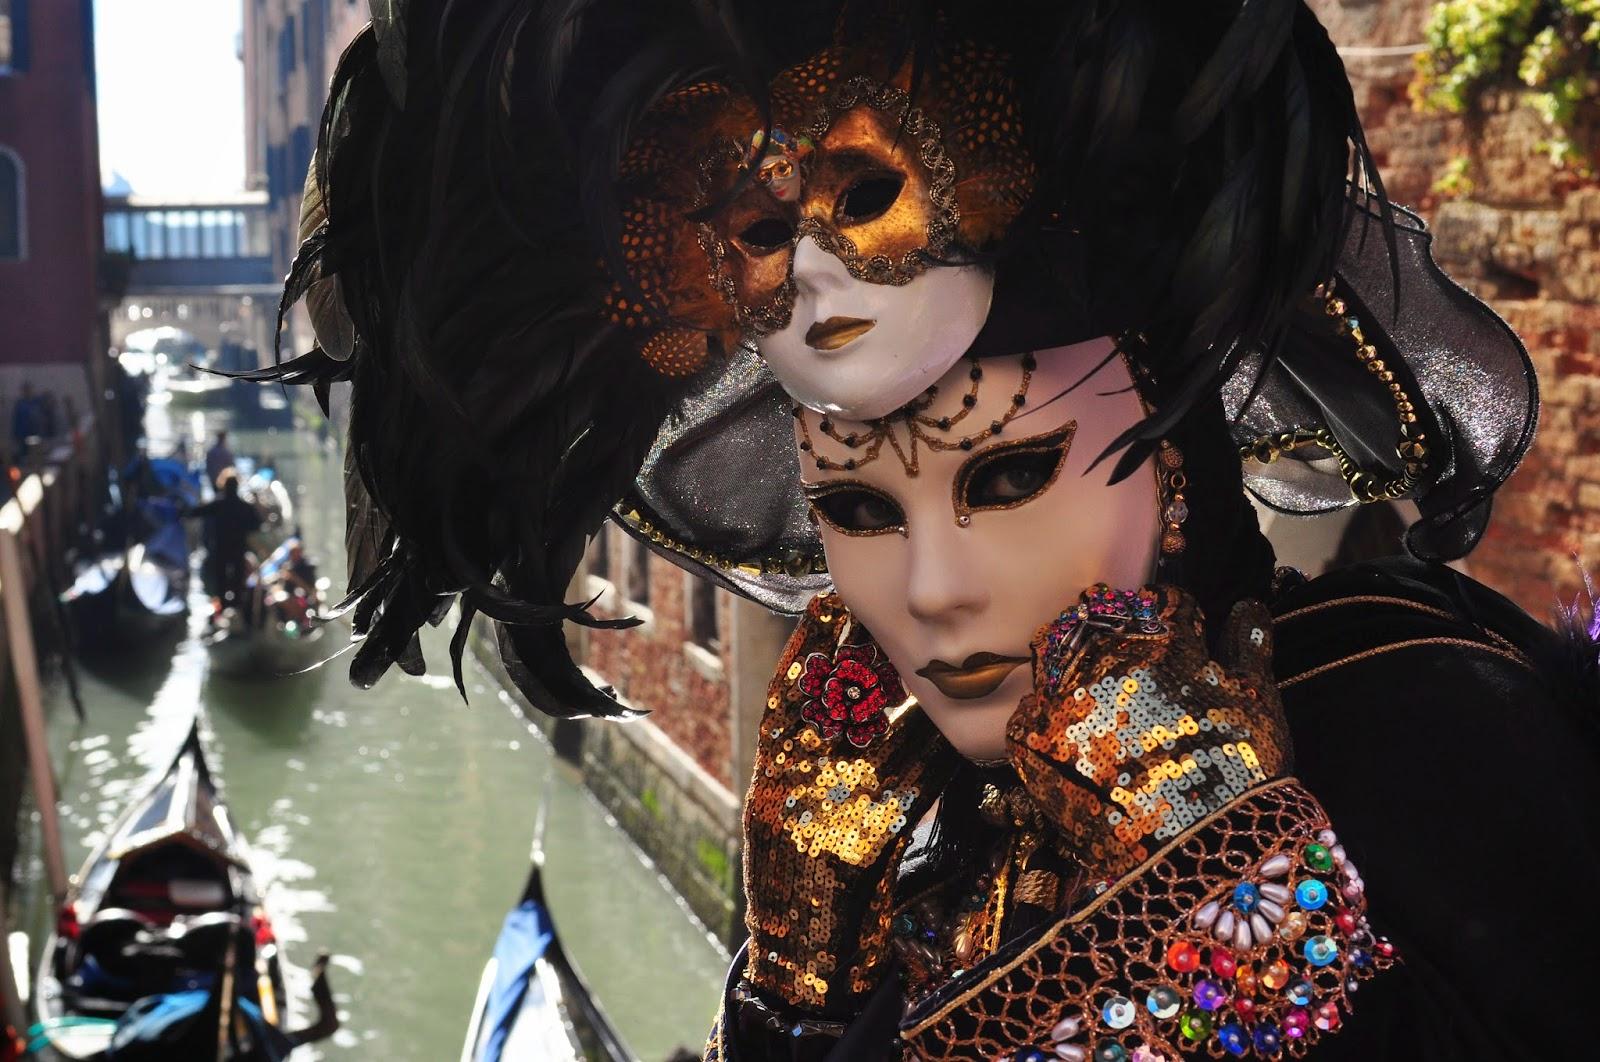 carnaval de Venise à quelles dates